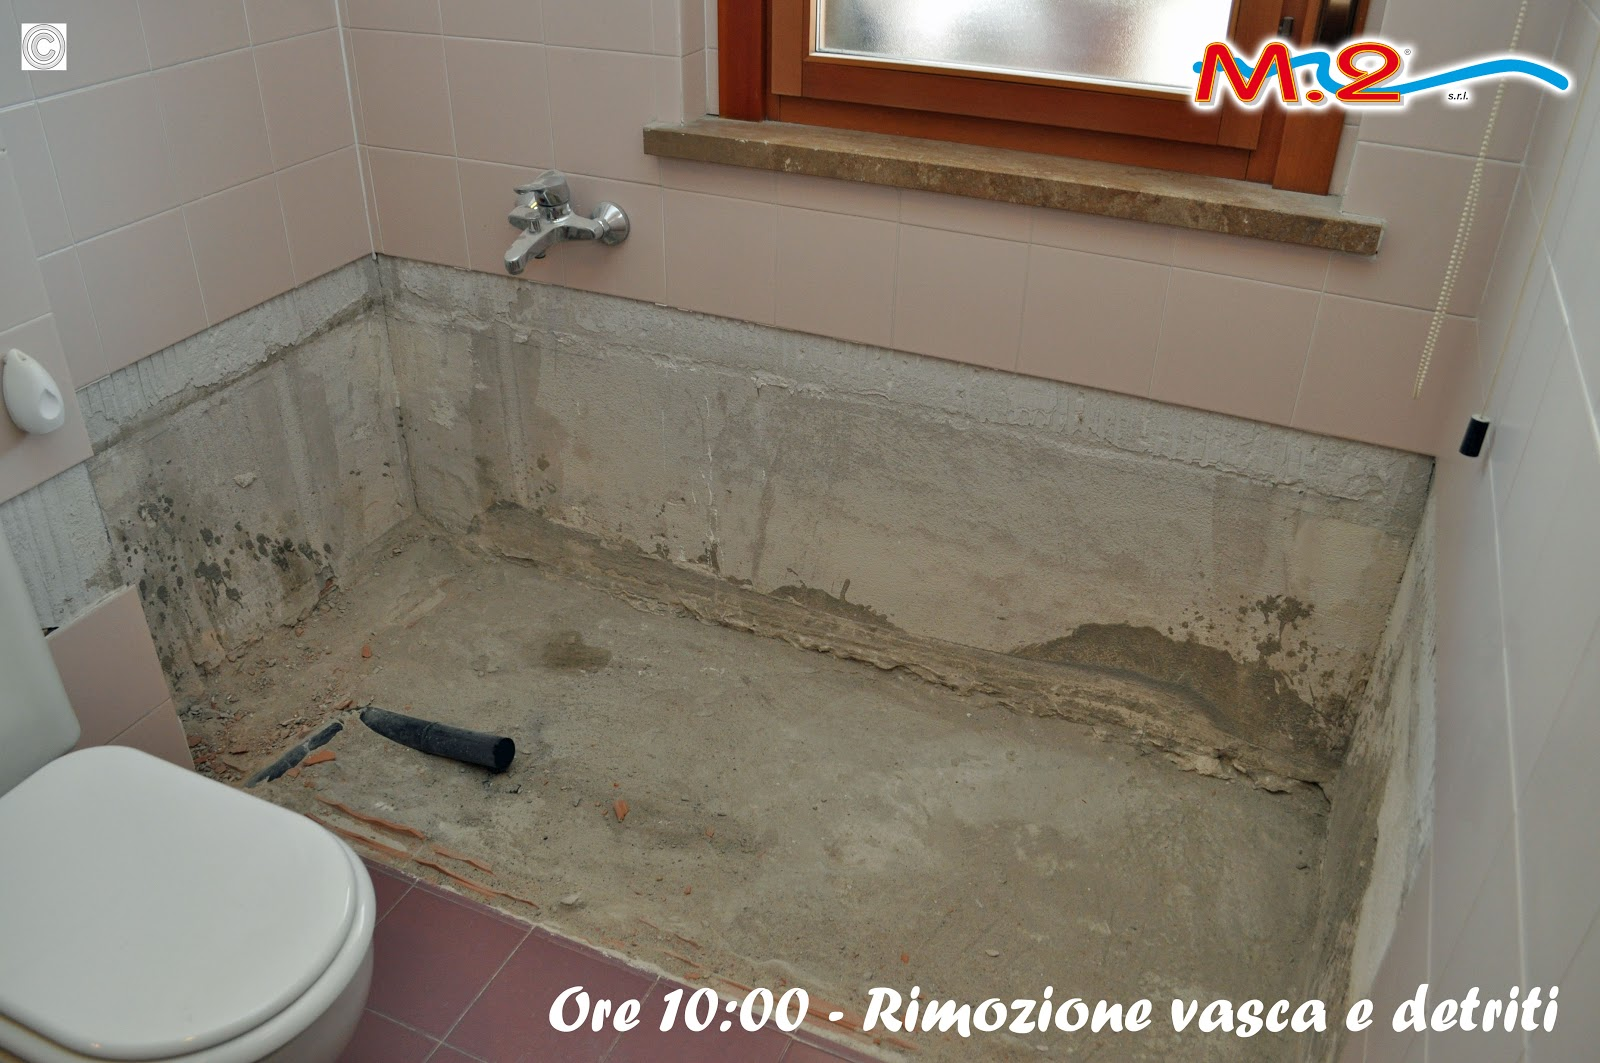 Sostituzione vasca da bagno in 3 muri con piatto doccia e - Sostituzione vasca da bagno ...